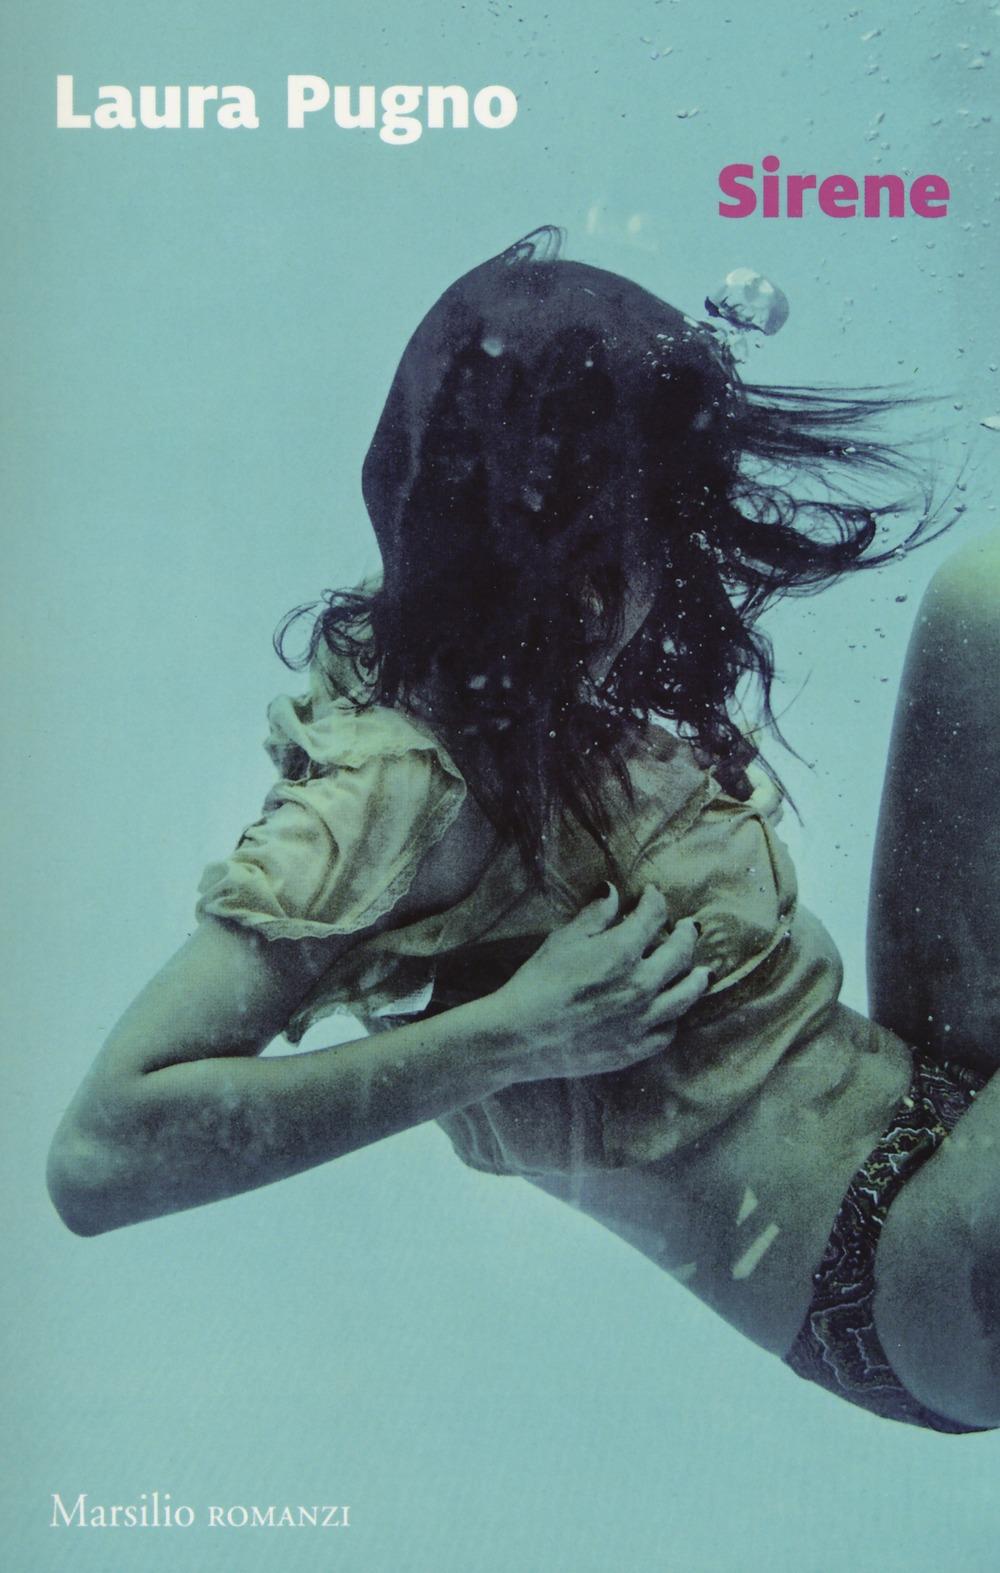 Laura Pugno, Sirene e il corpo della donna